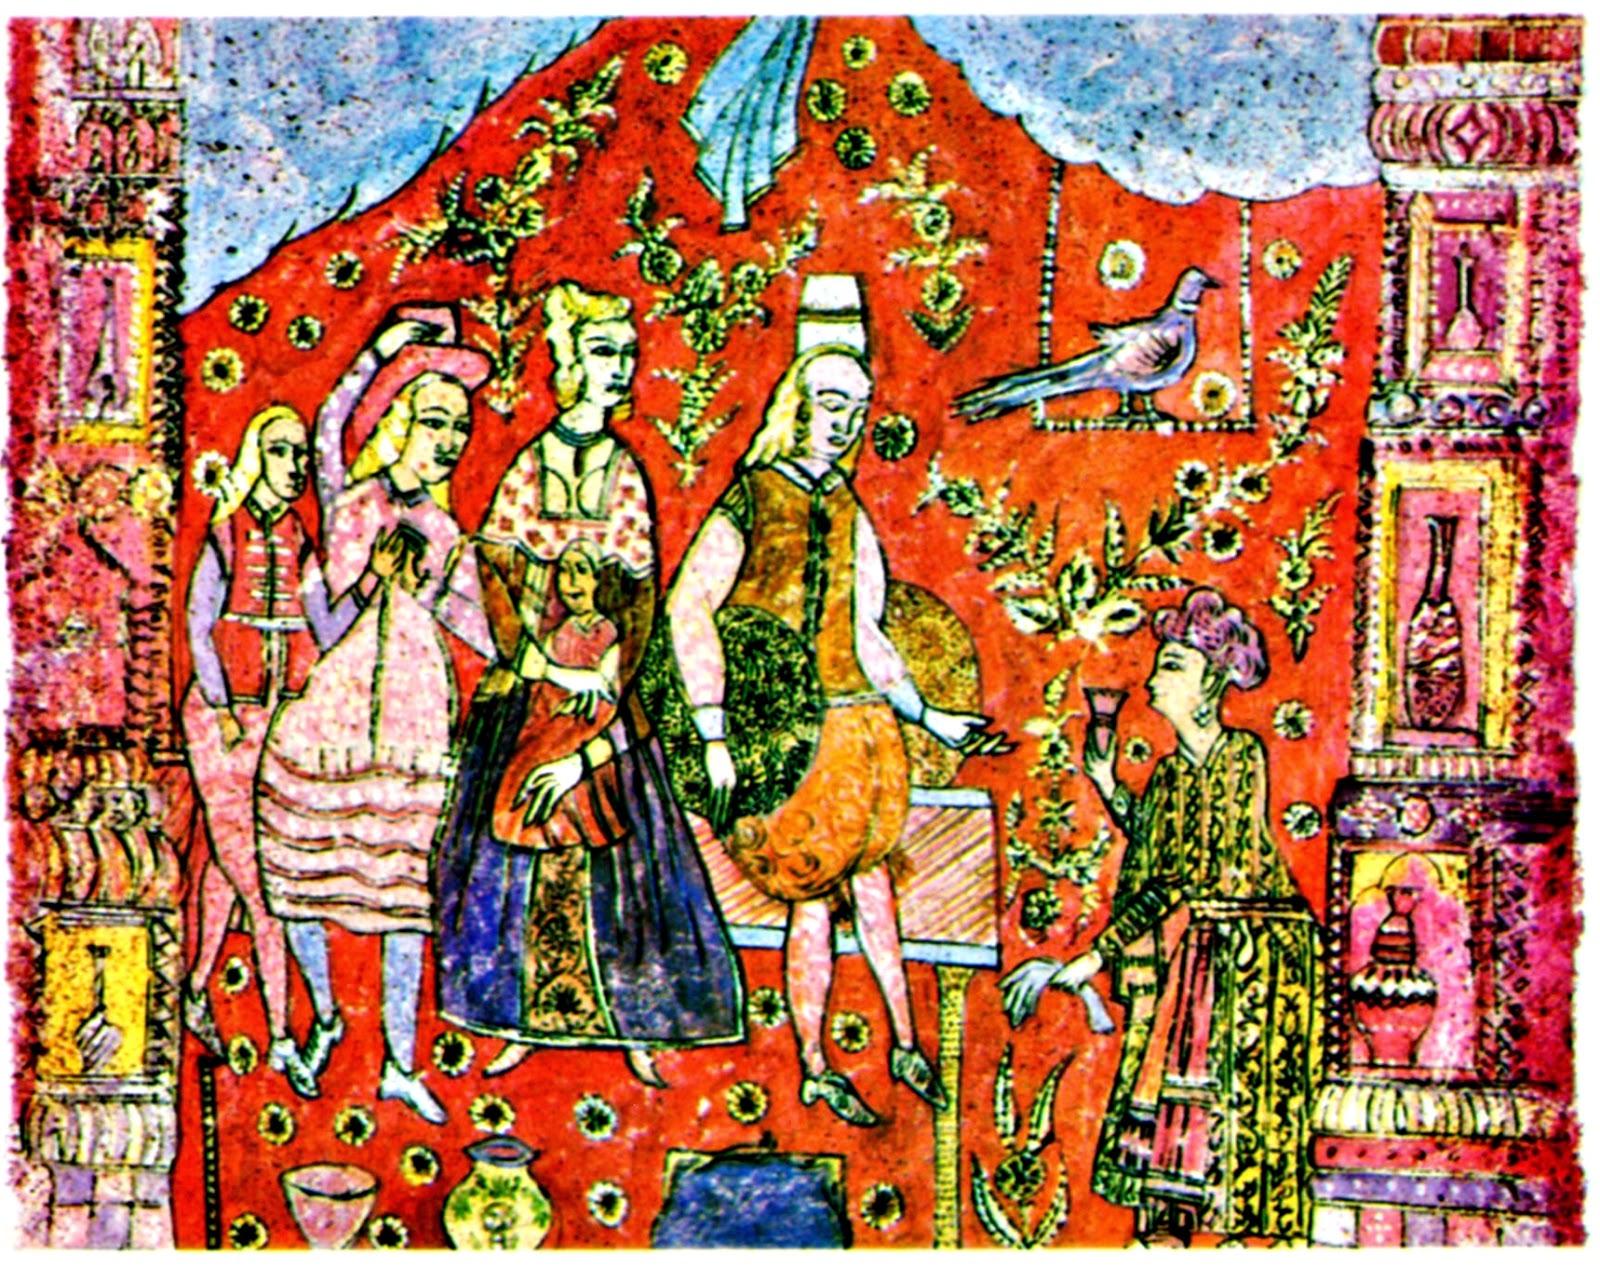 Las empresas de las indias orientales 1600 1700 - Telas de la india online ...